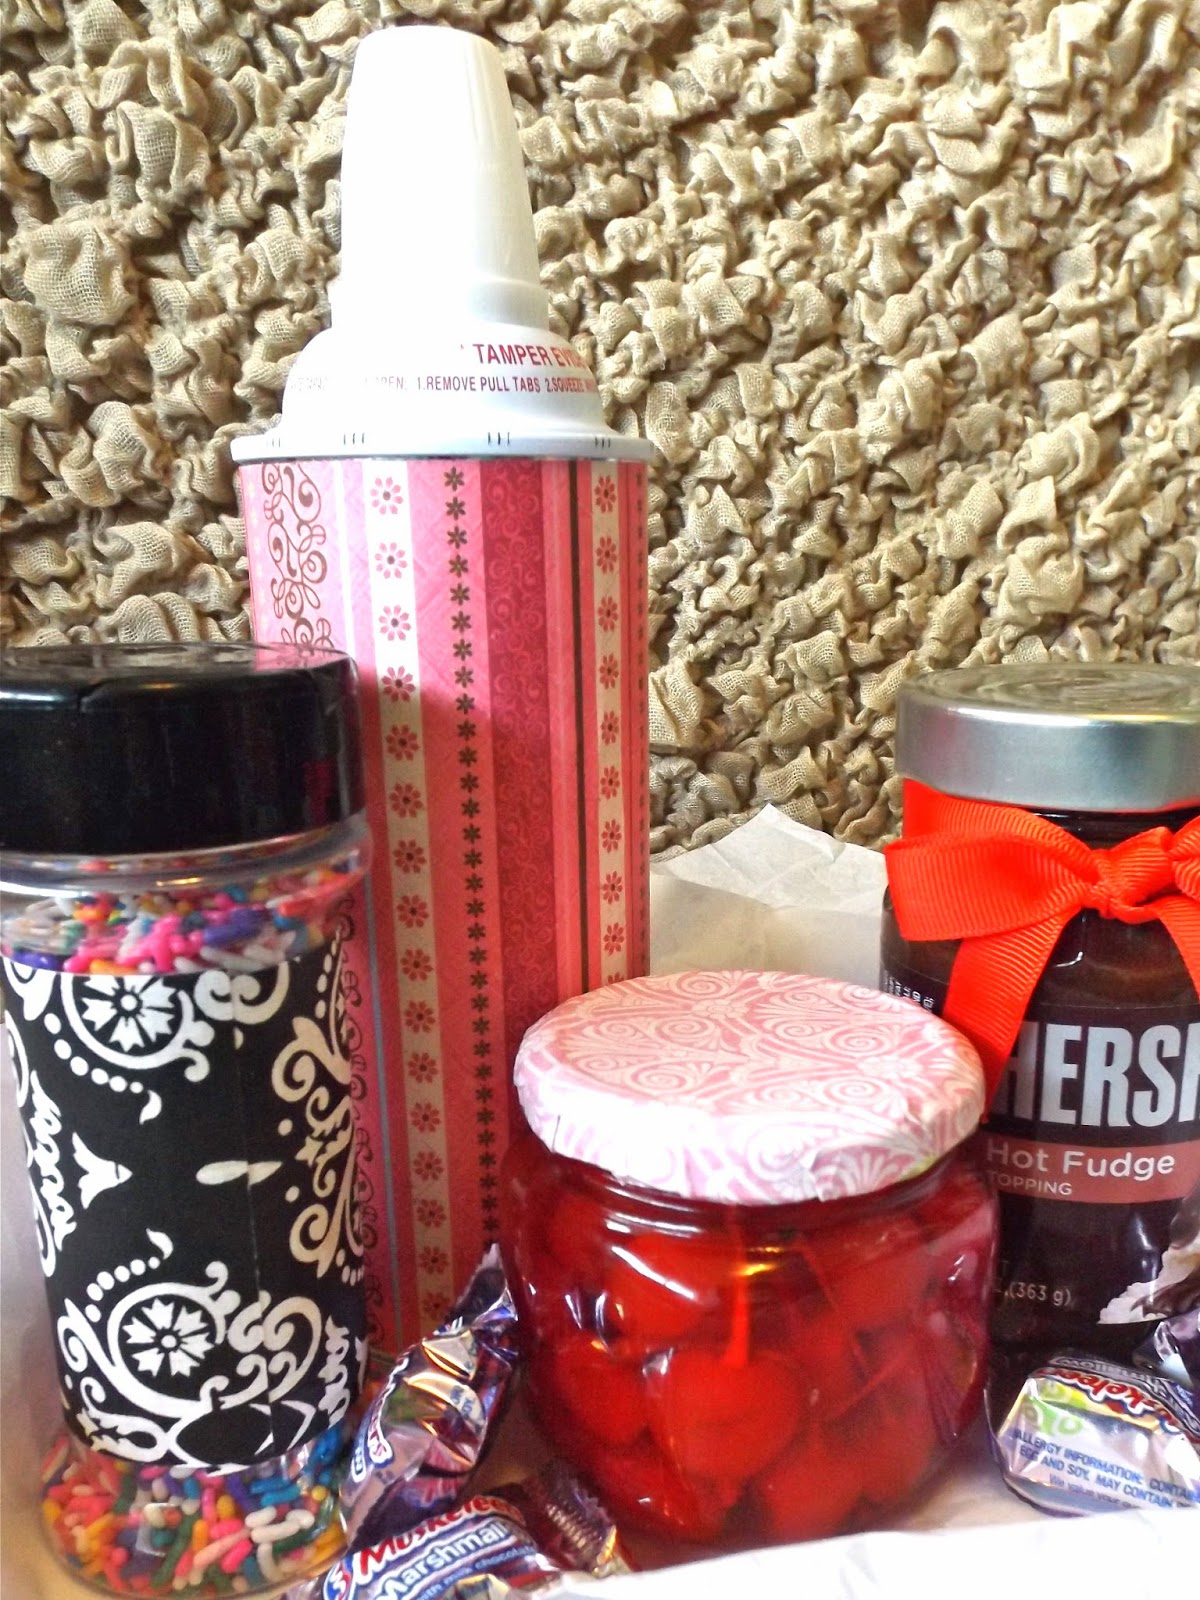 Lingerie Bridal Shower Ideas - Fun Cheap or Free